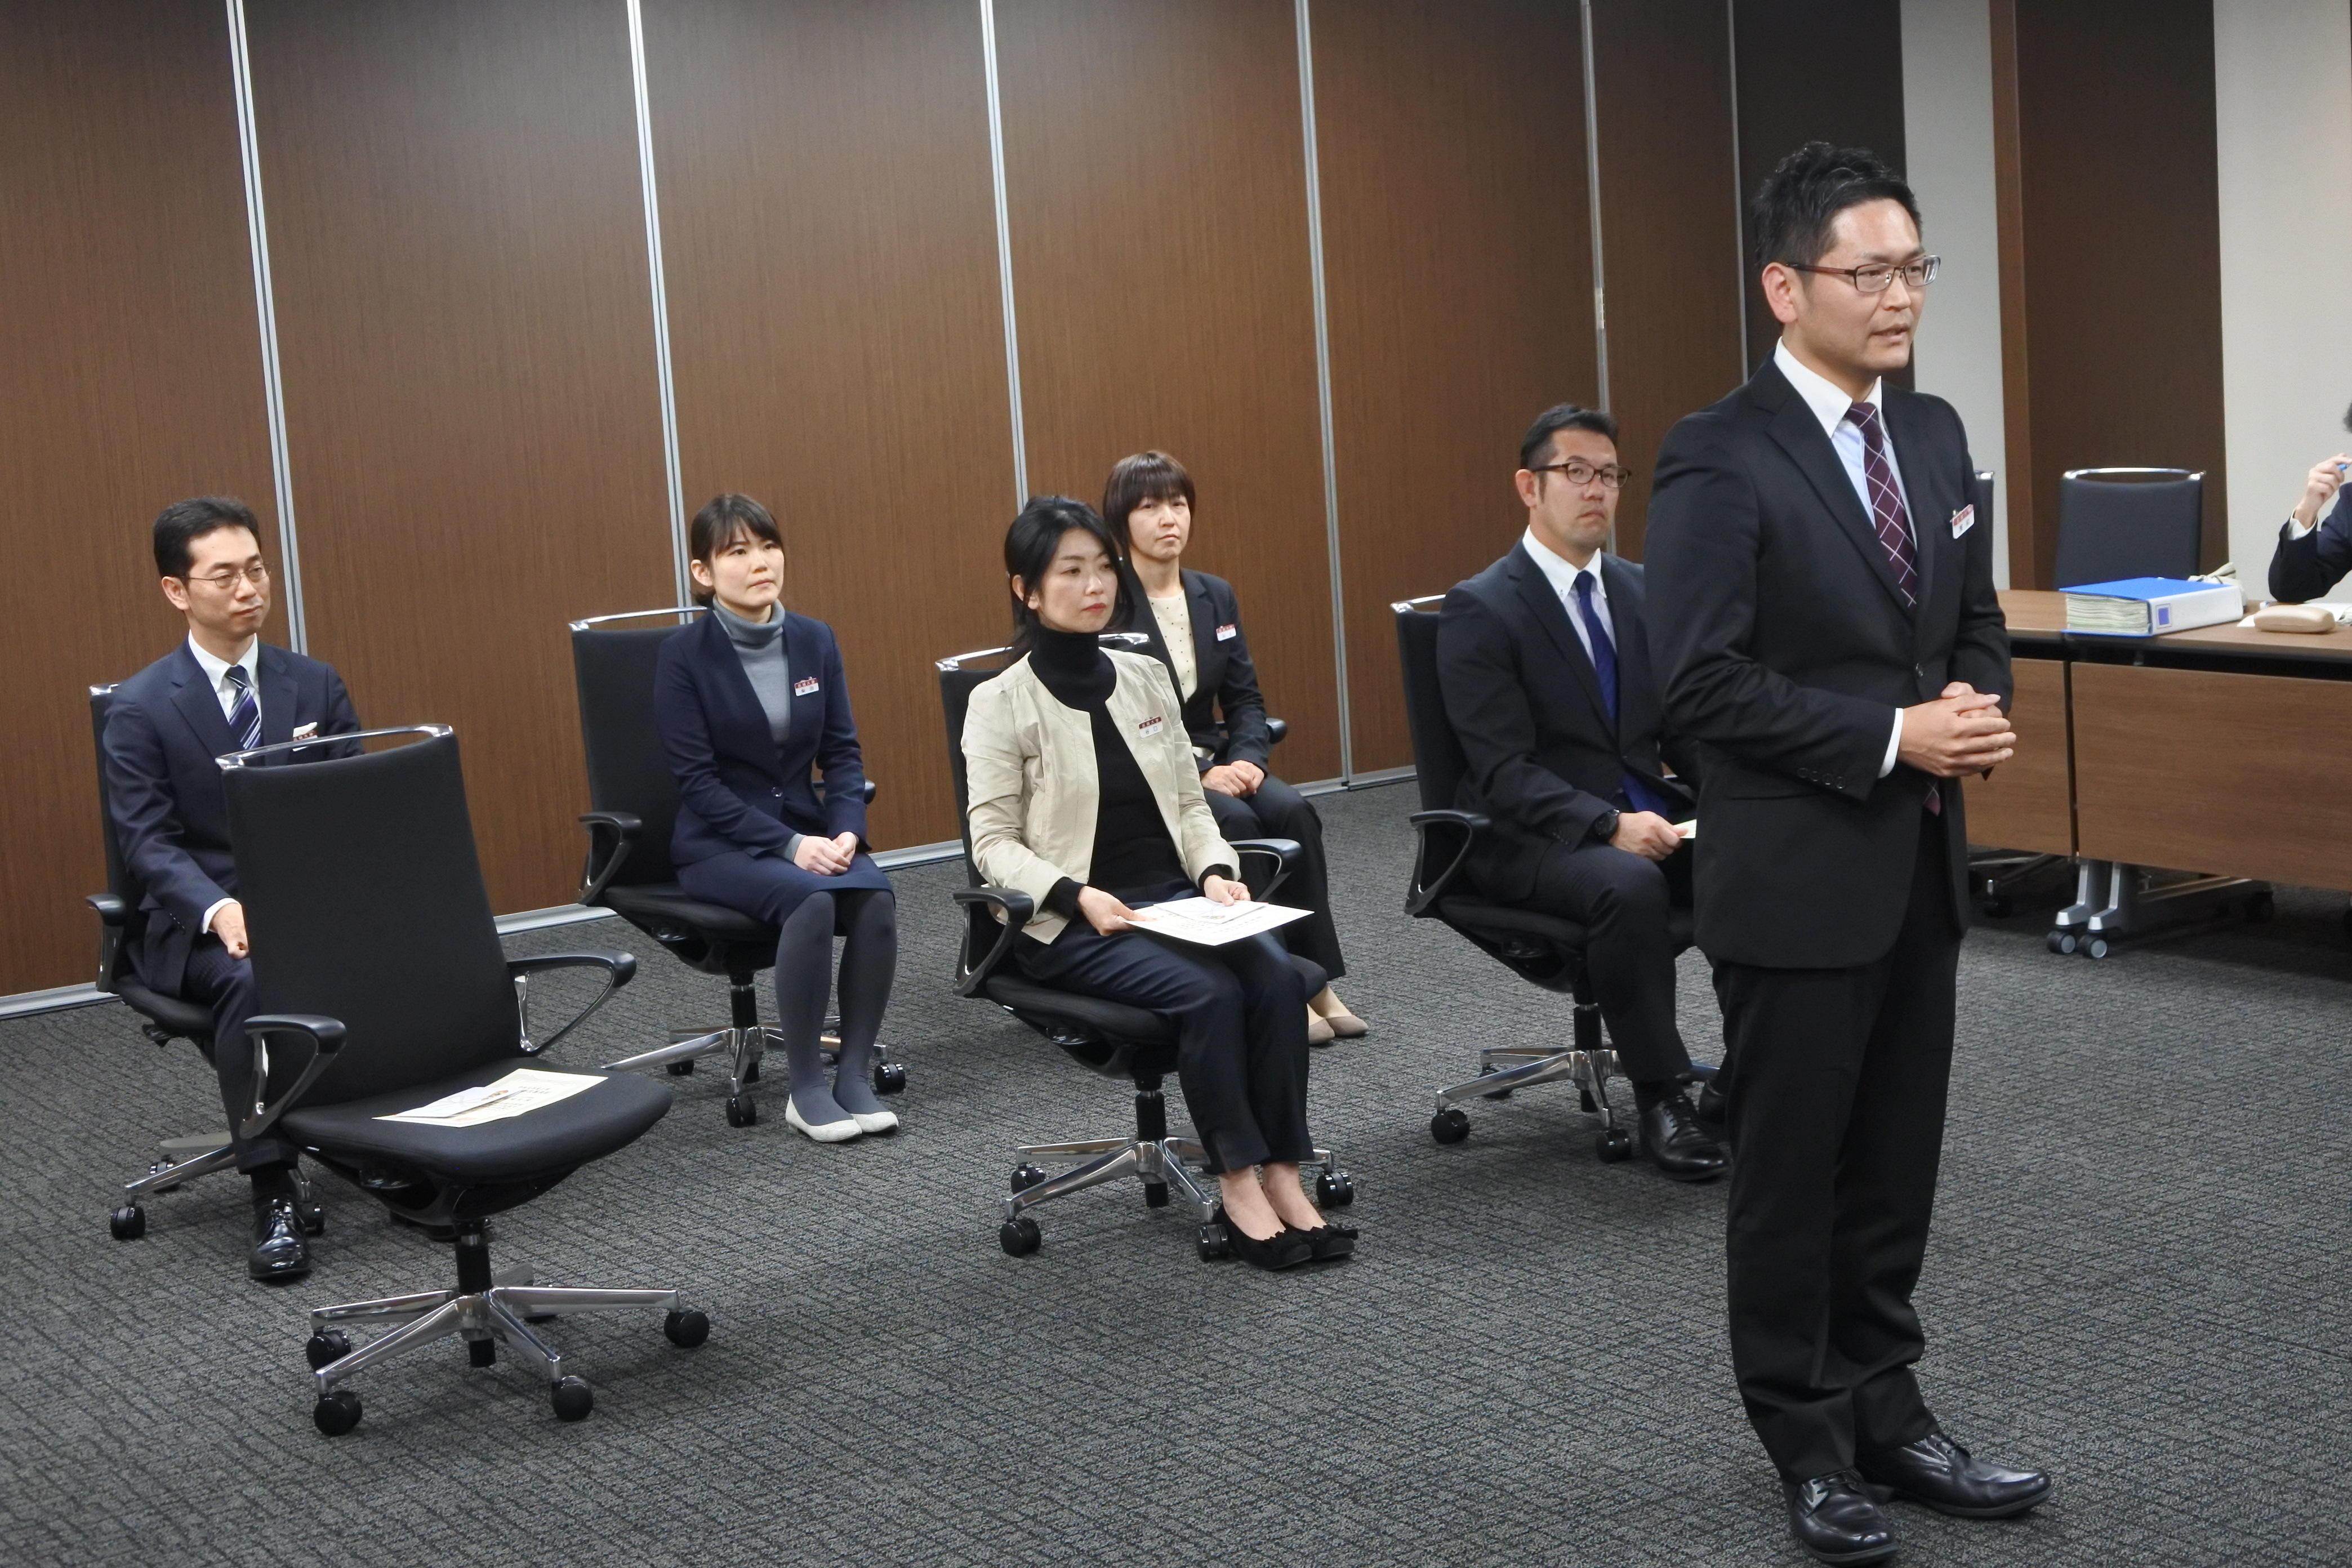 被表彰者を代表してあいさつする濱松暢生さん